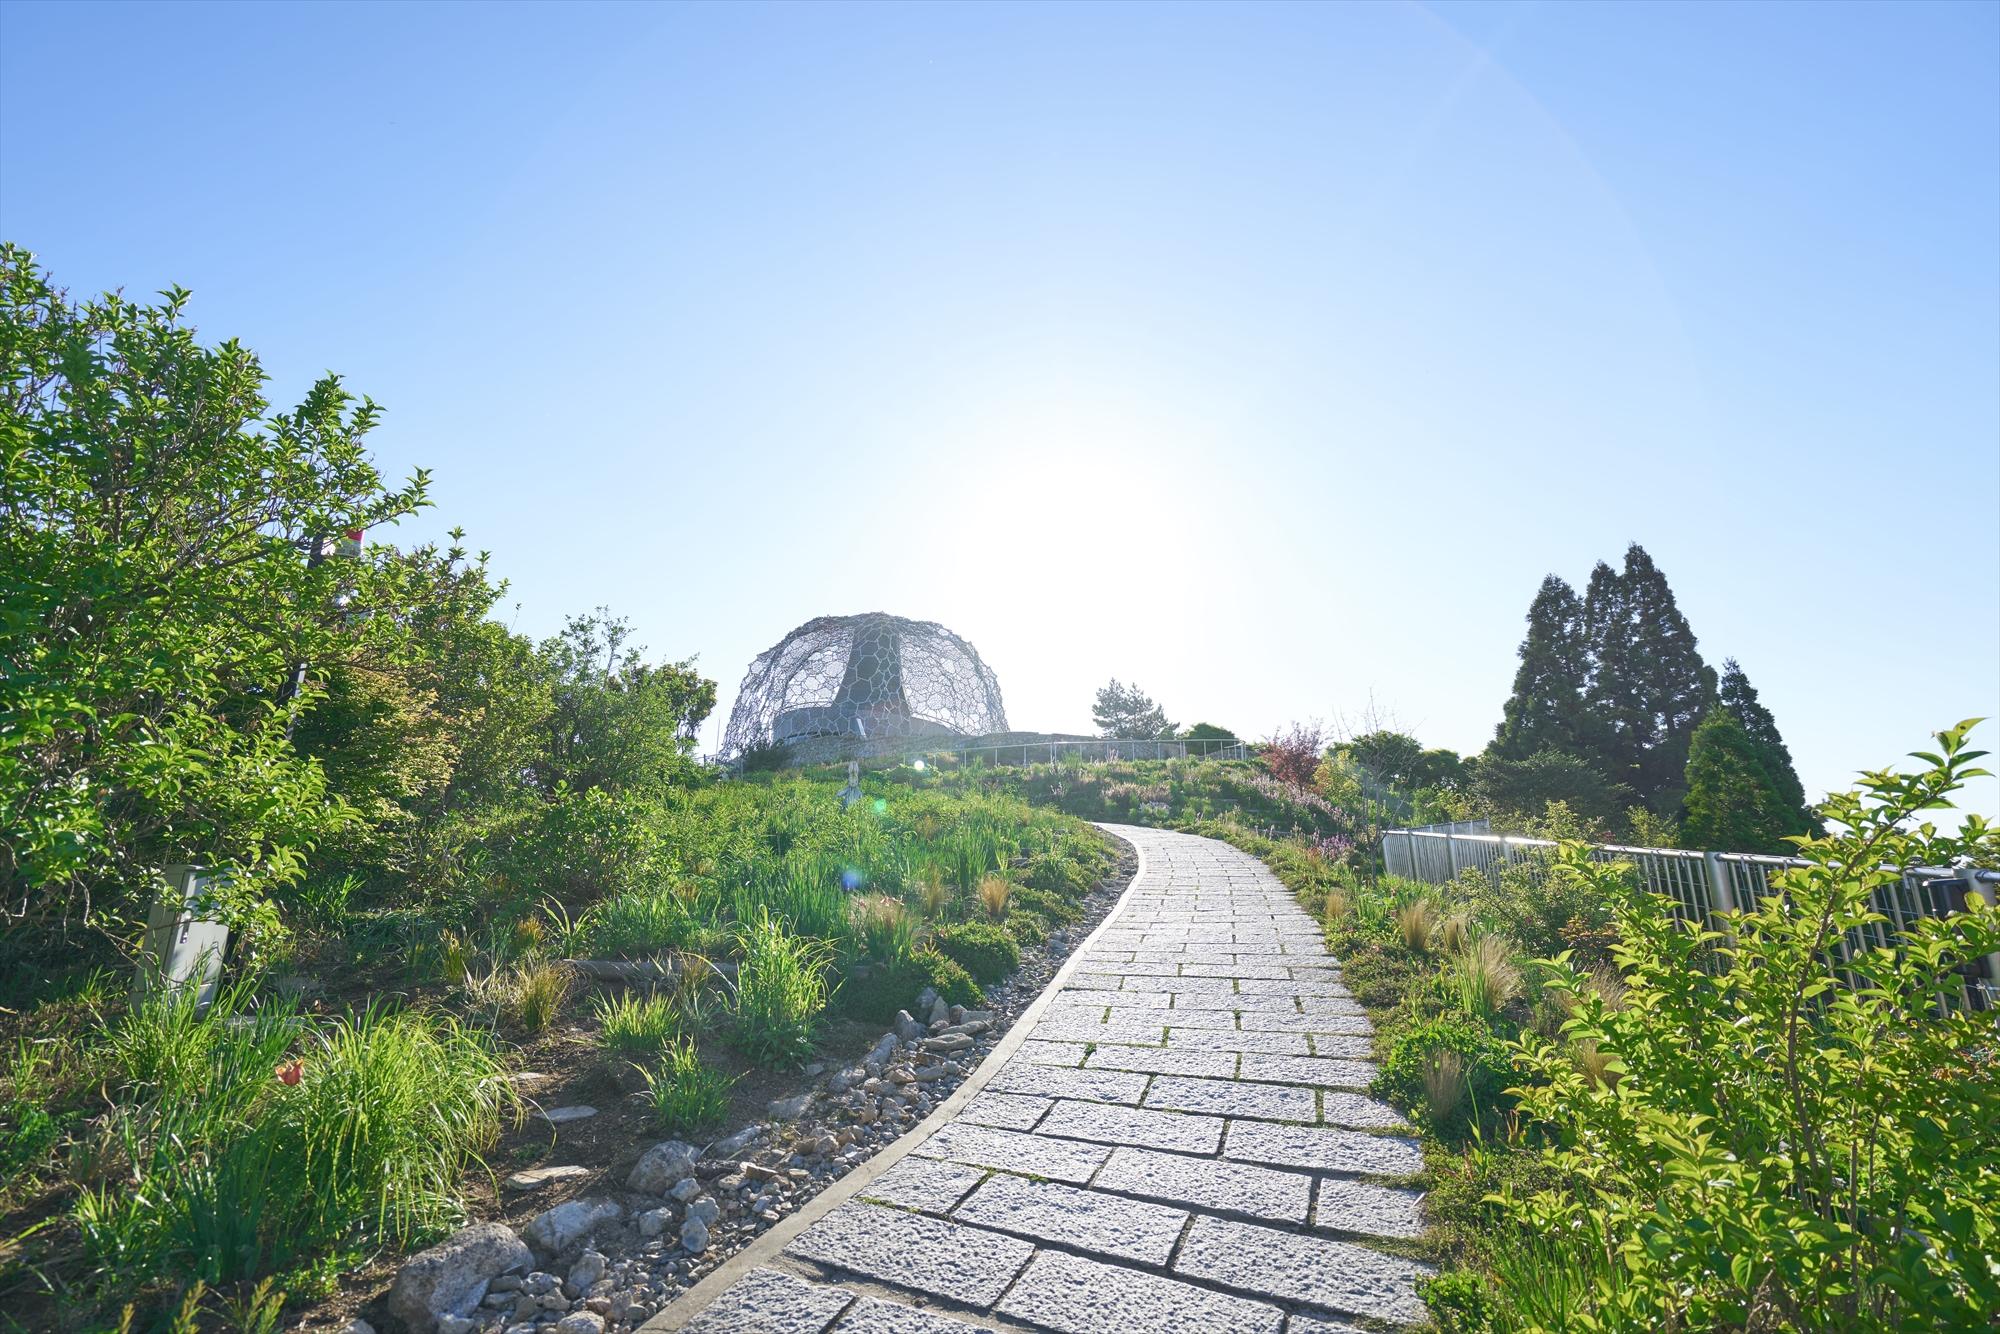 六甲山ドライブ | モデルコース | 兵庫県公式観光サイト HYOGO!ナビ ...